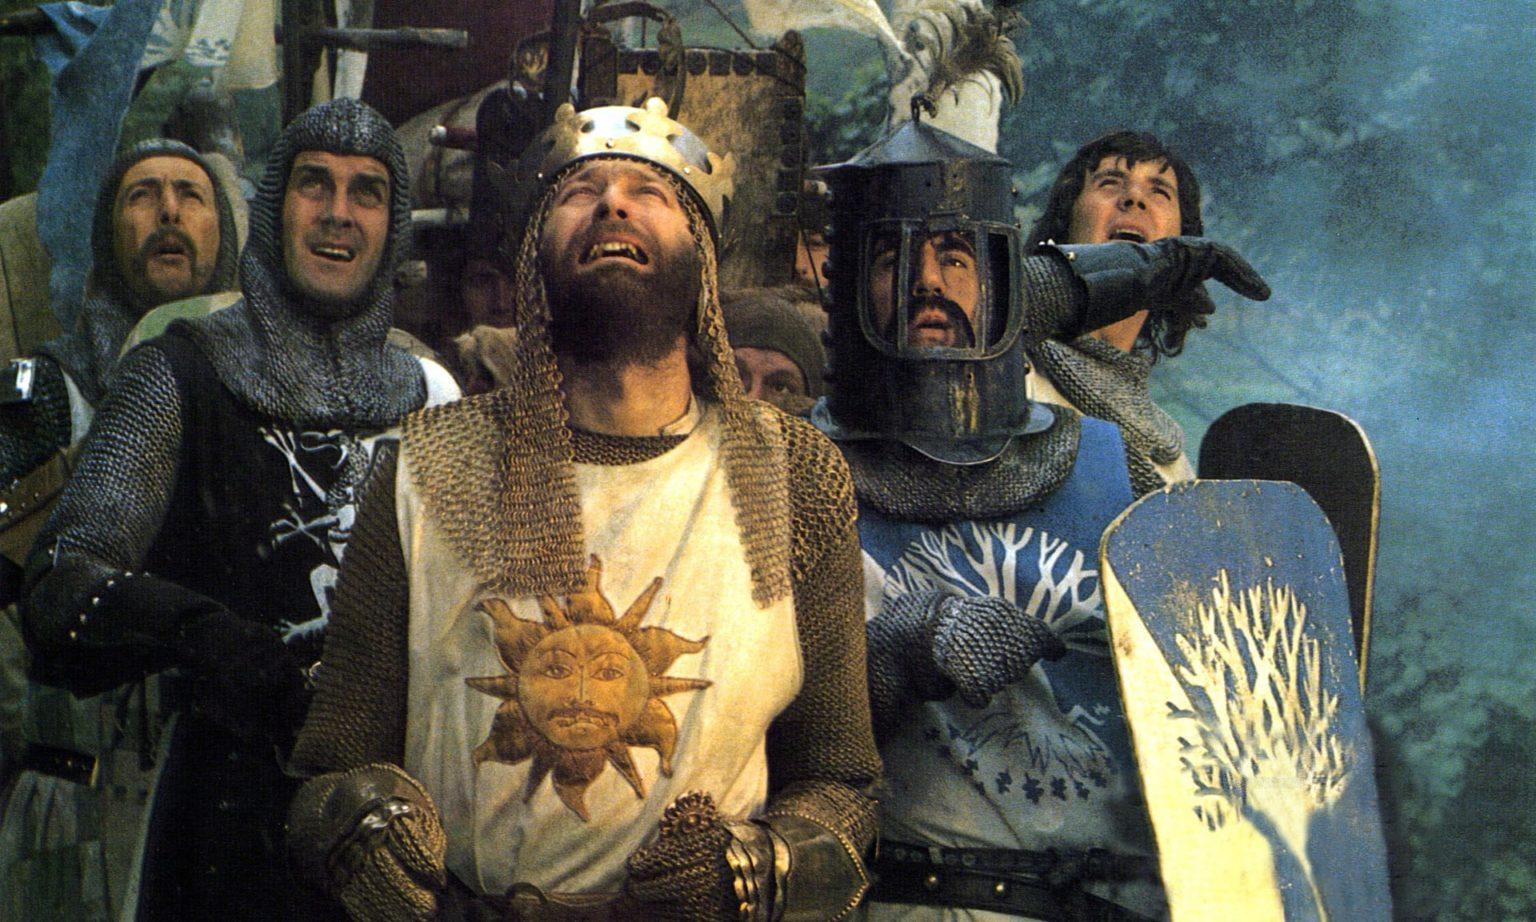 ۱۰ فیلم سینمایی فانتزی و جذاب مناسب برای طرفداران سریال «بازی تاج و تخت»